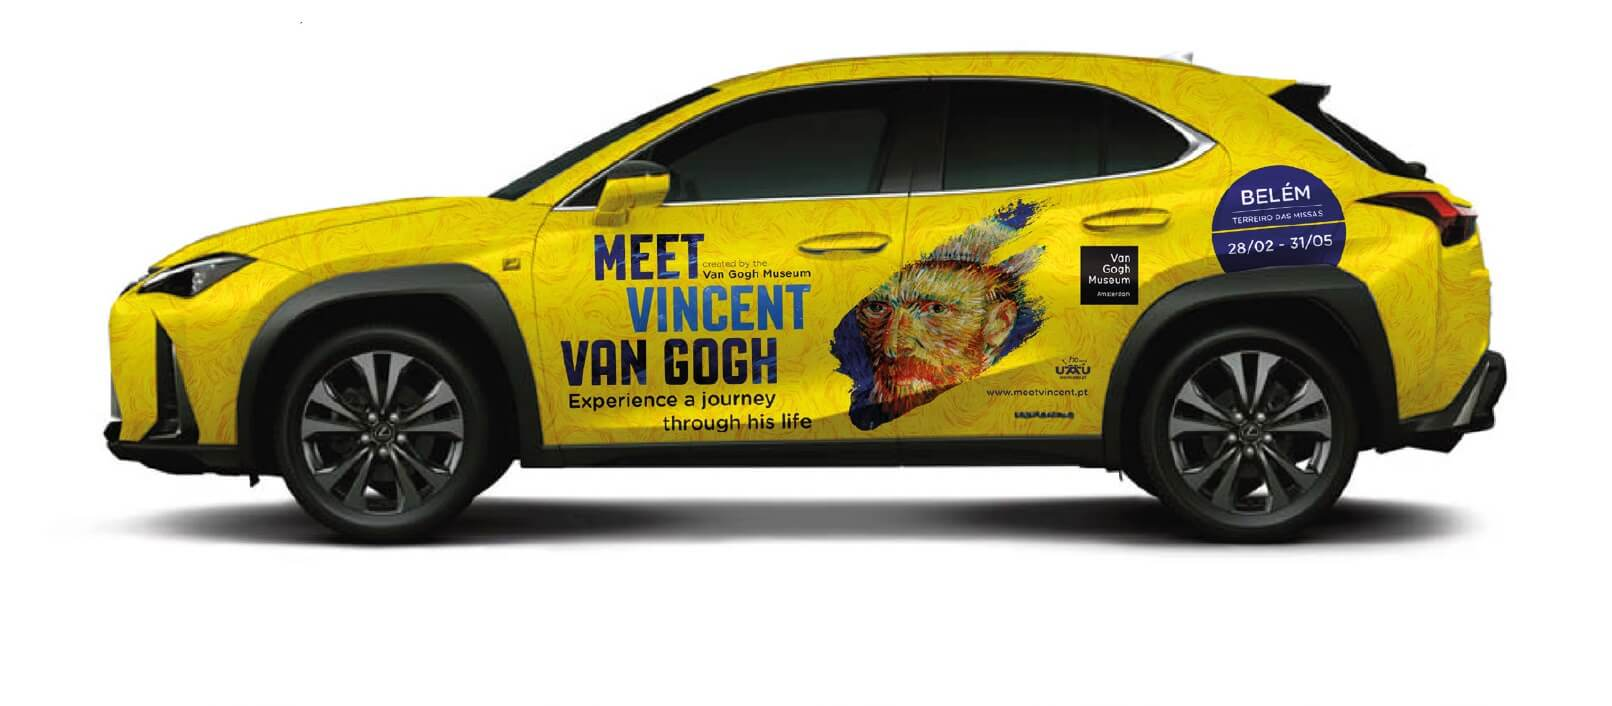 Van Gogh a bordo da lexus